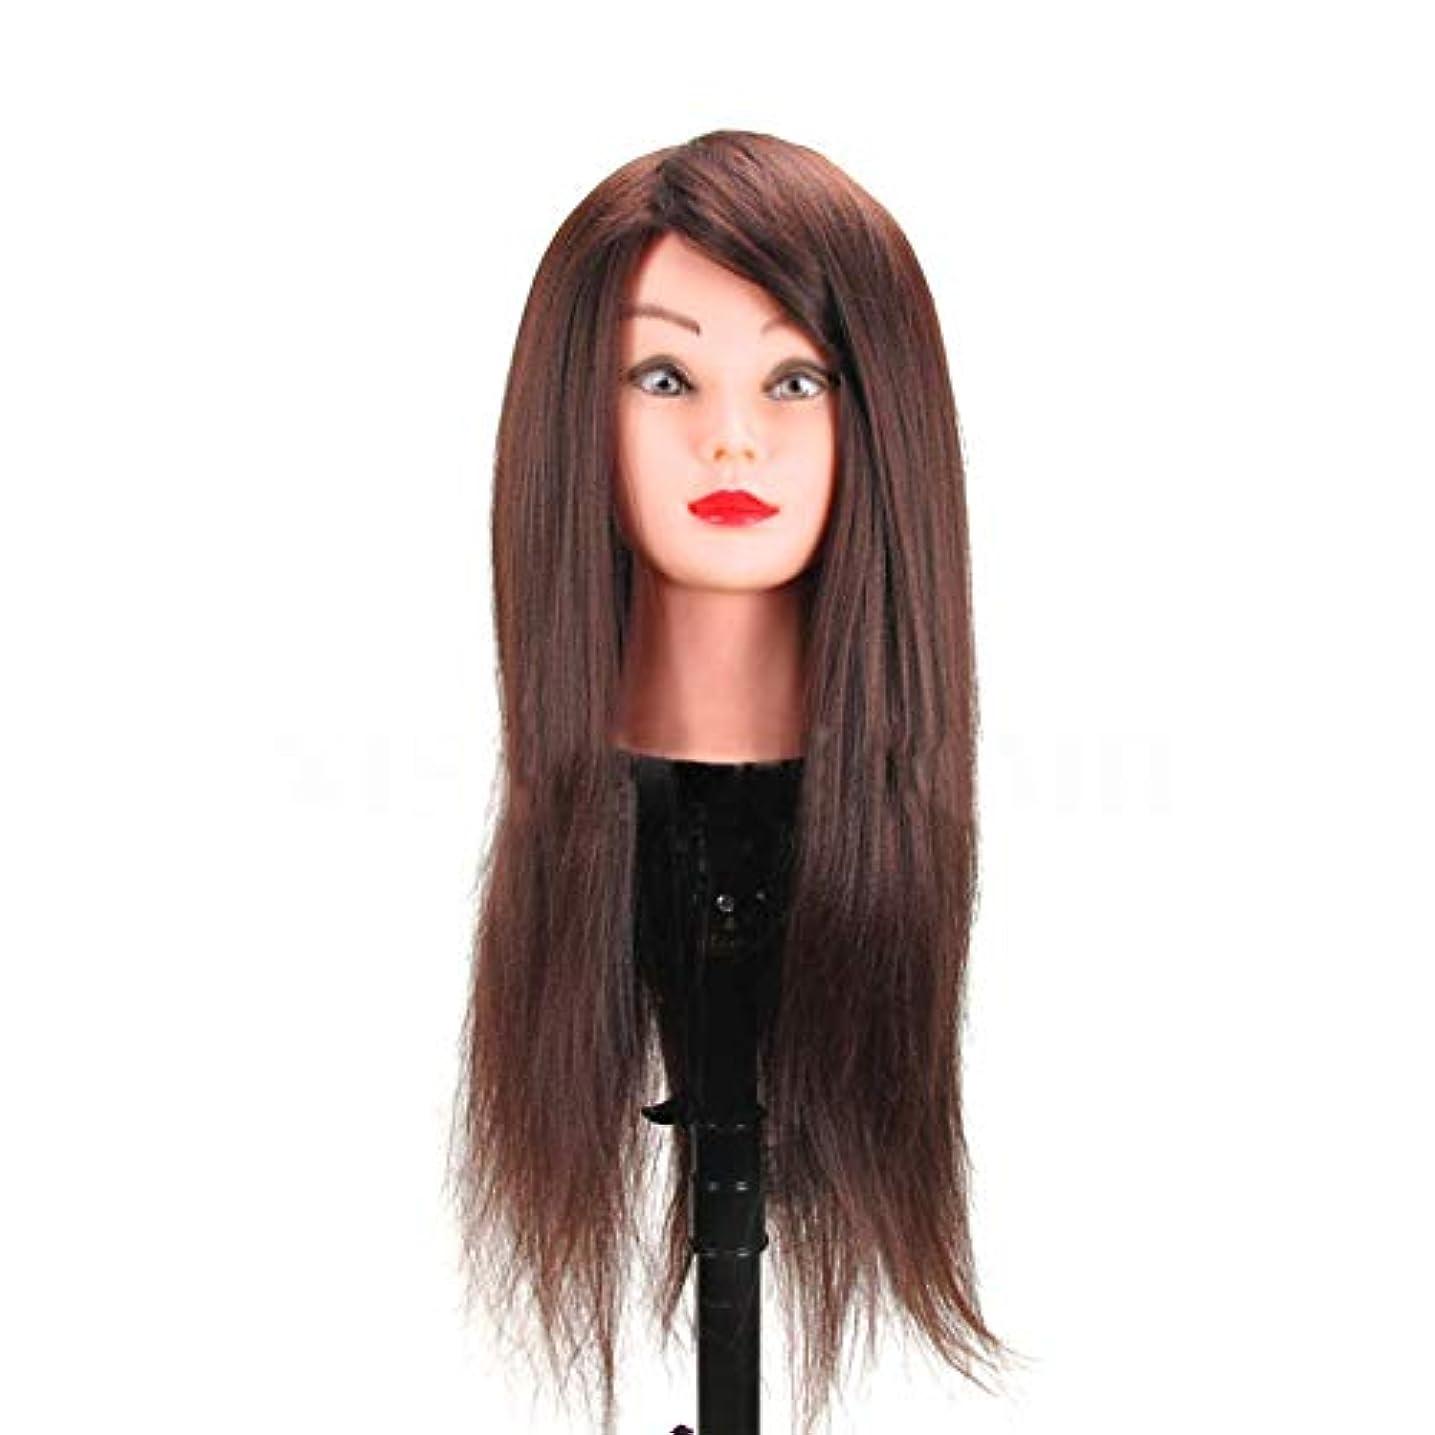 願うメリー静める高温シルク編組ヘアスタイリングヘッドモデル理髪店理髪ダミーヘッド化粧練習マネキンヘッド